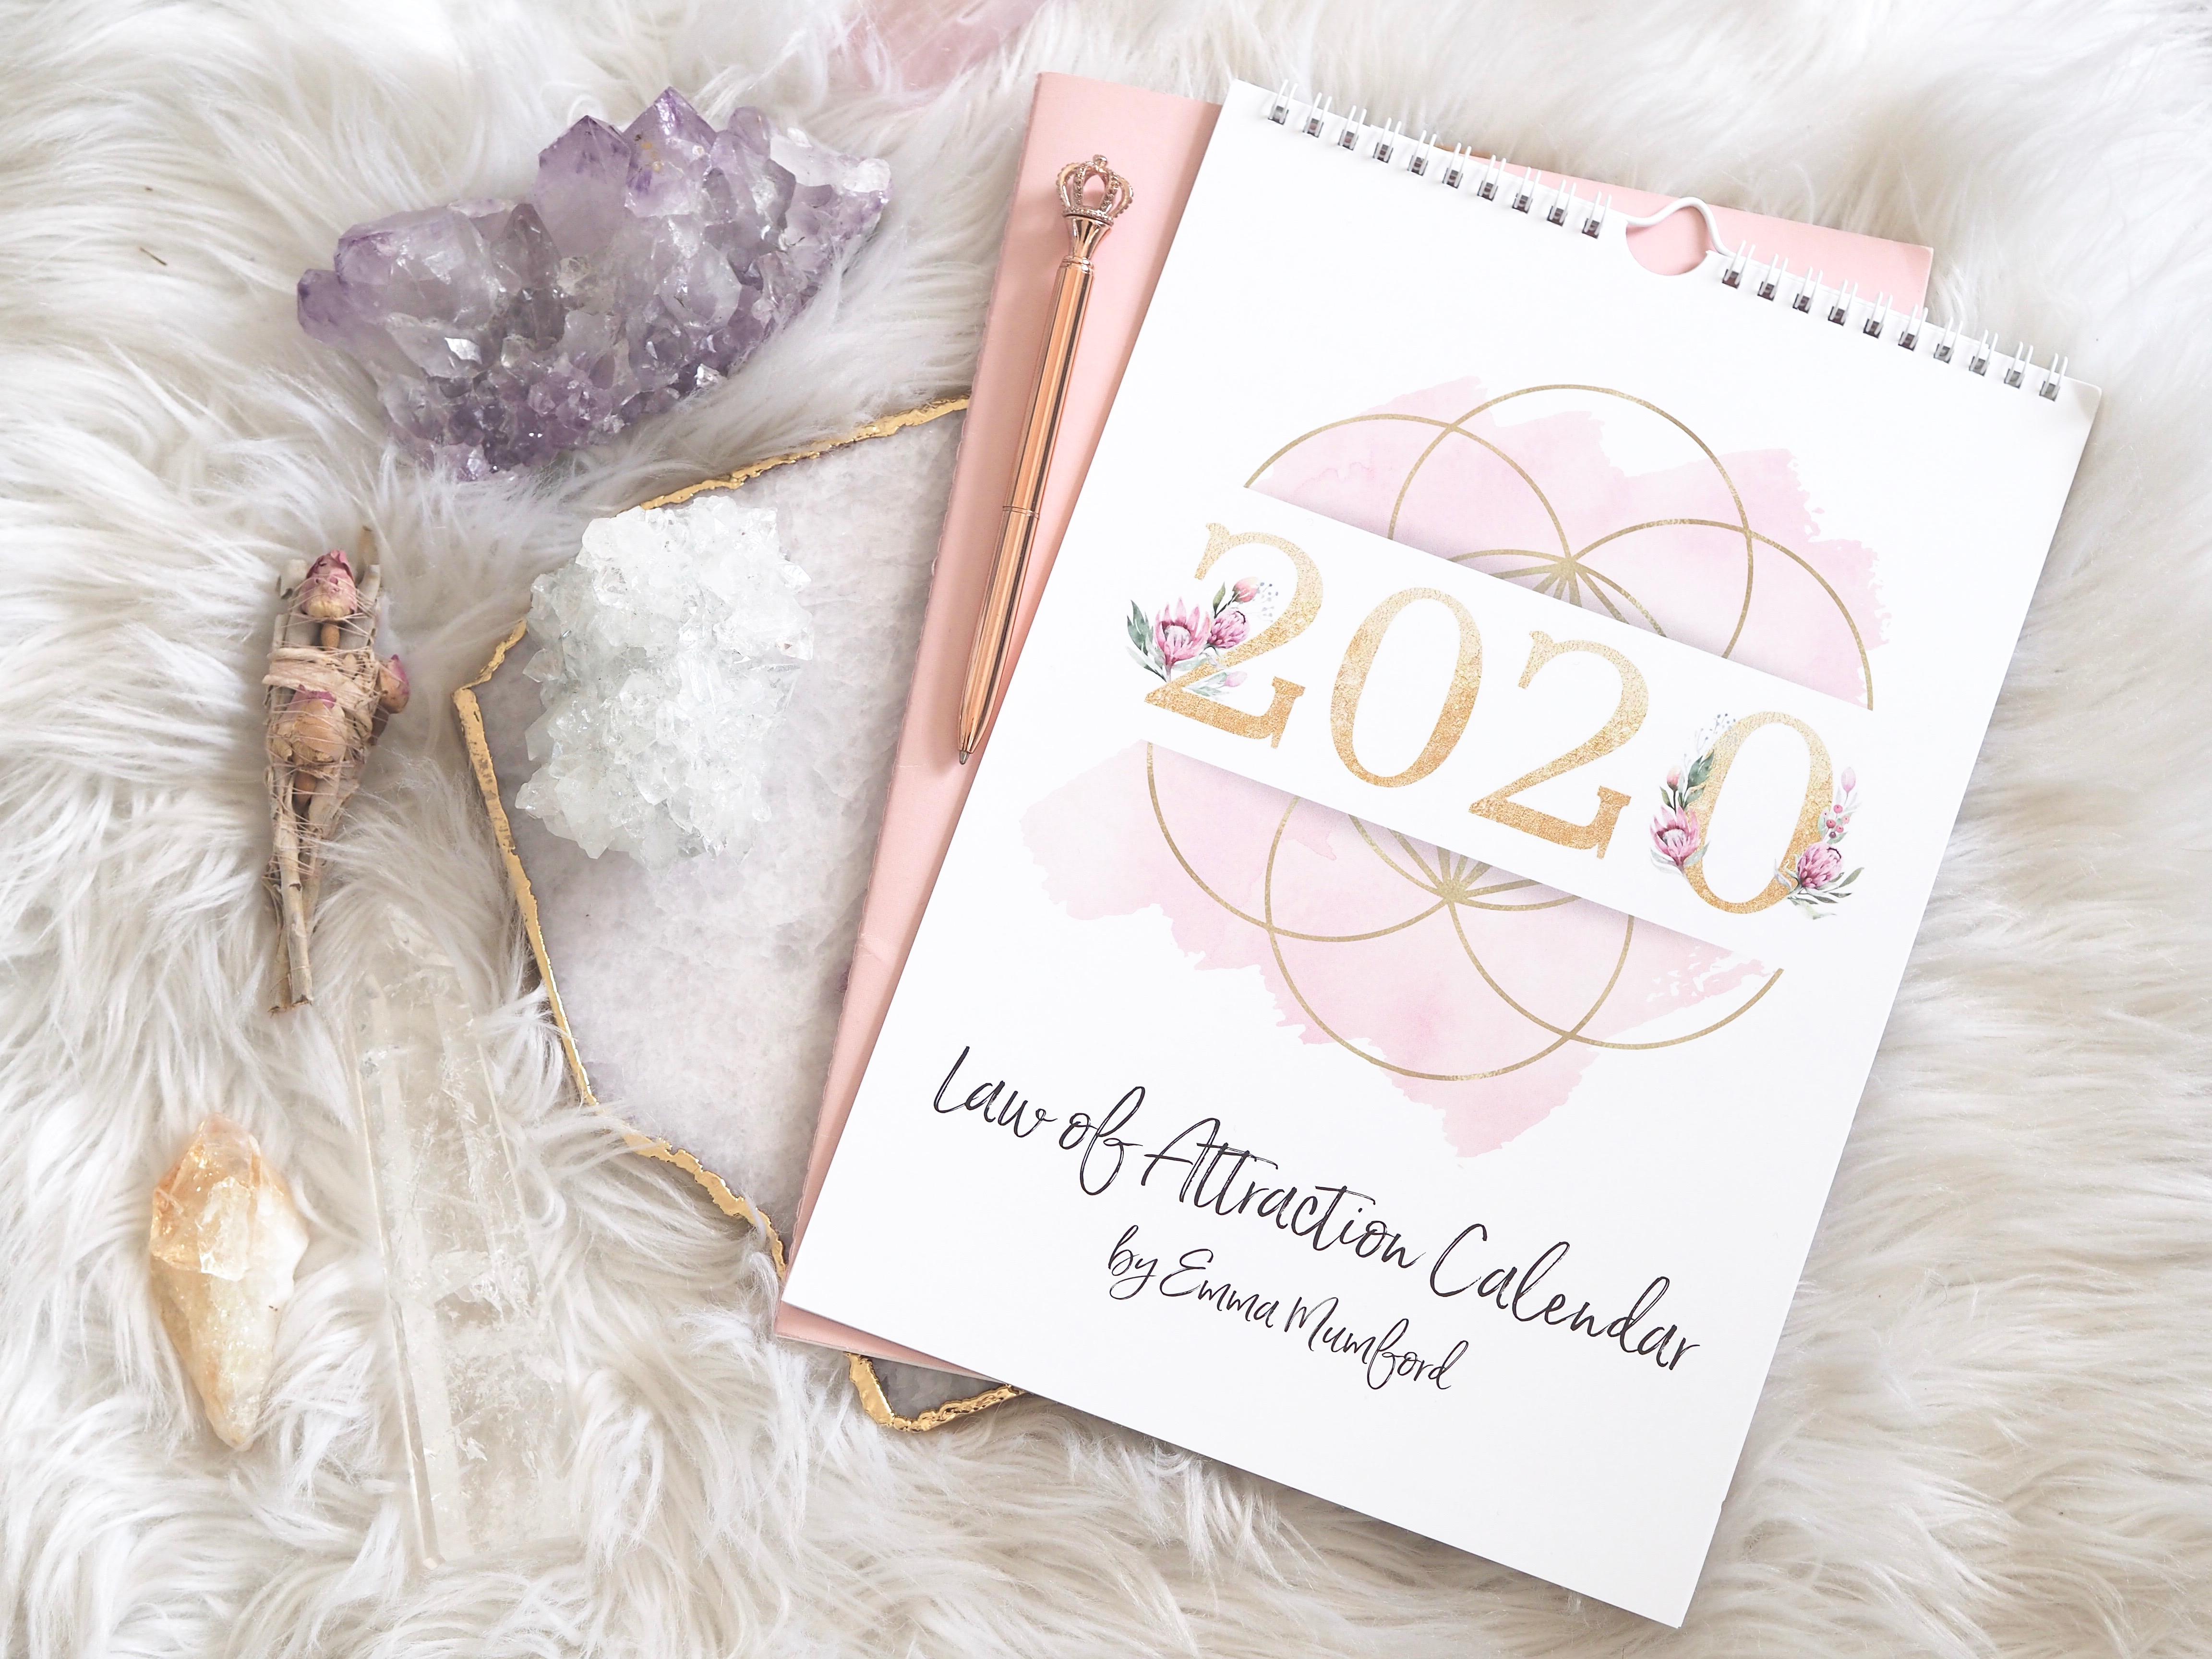 2020 LAW OF ATTRACTION CALENDAR - Emma Mumford